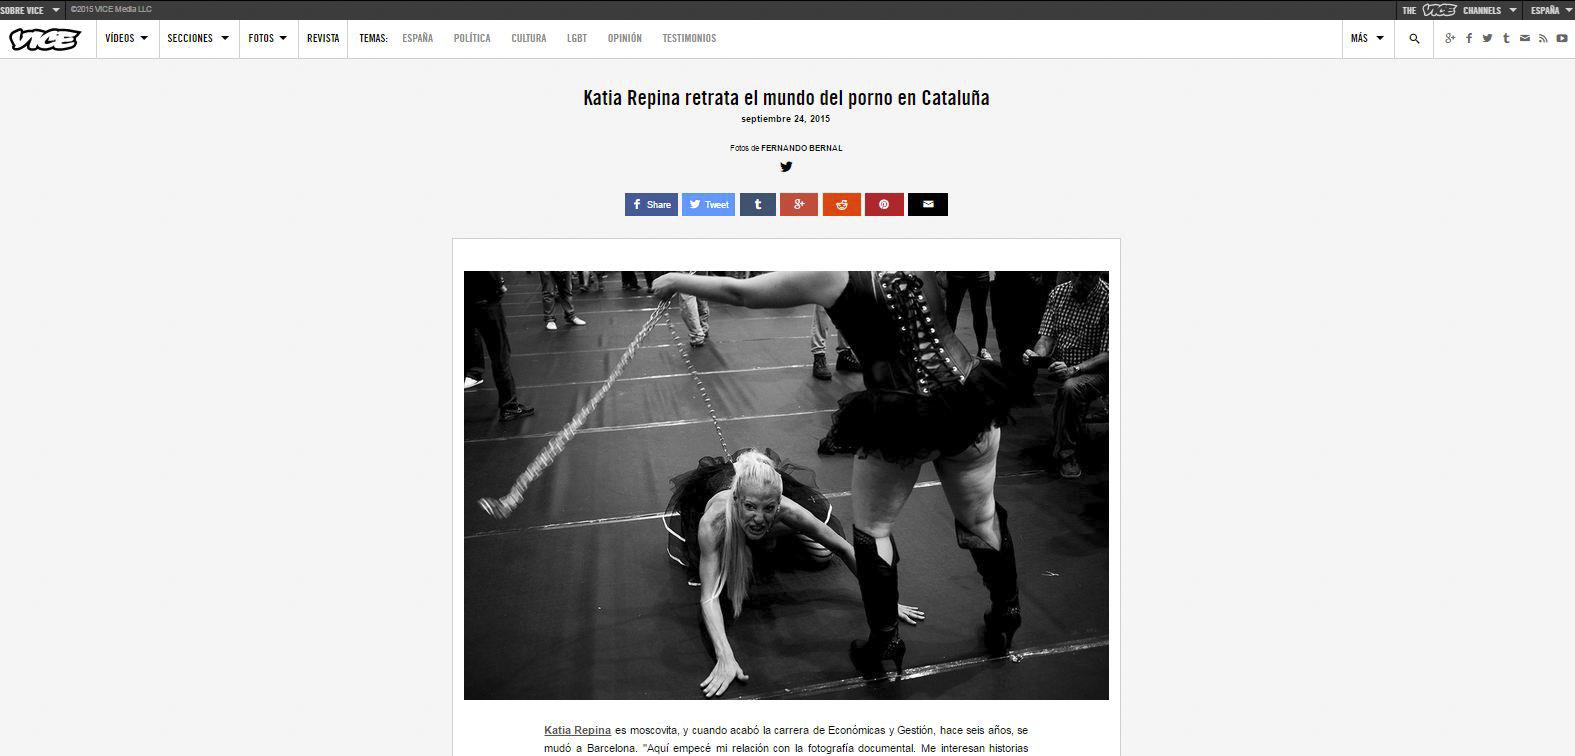 prensa vicec.jpg